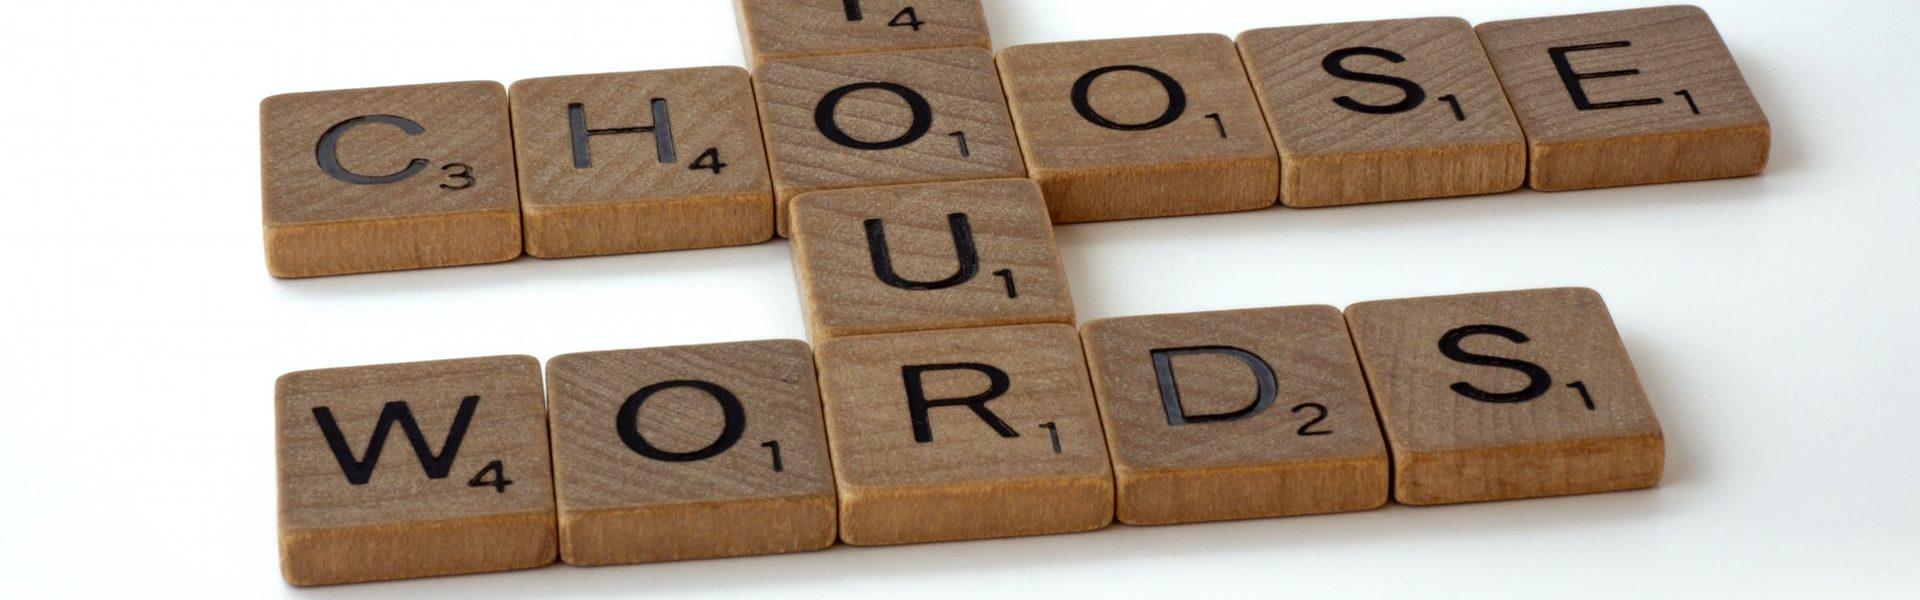 Choisissez vos mots